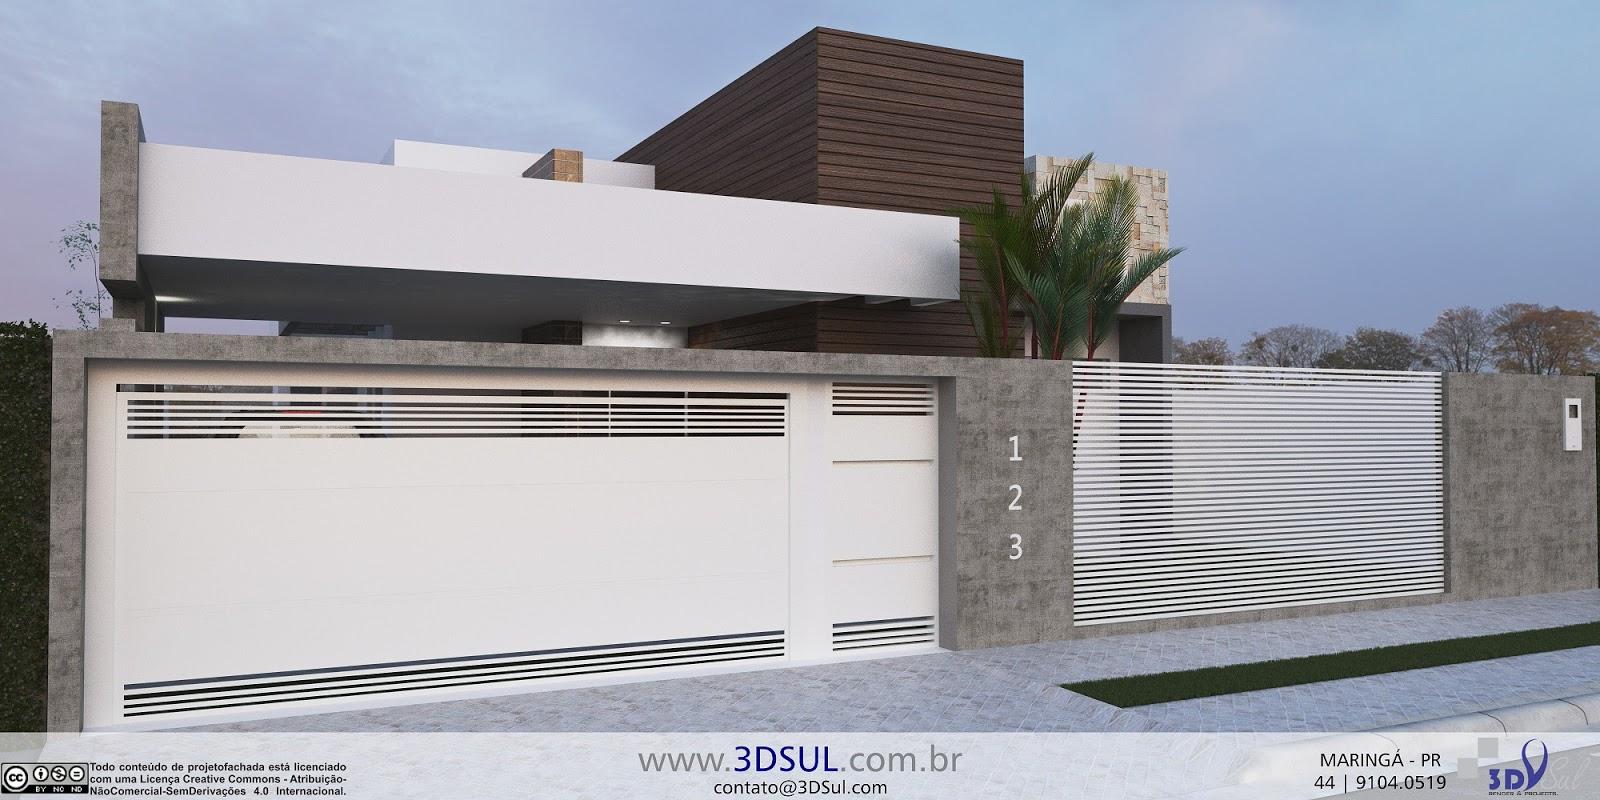 Projeto Arquitetonico 3D Casa Moderna com Piscina #435E88 1600 800